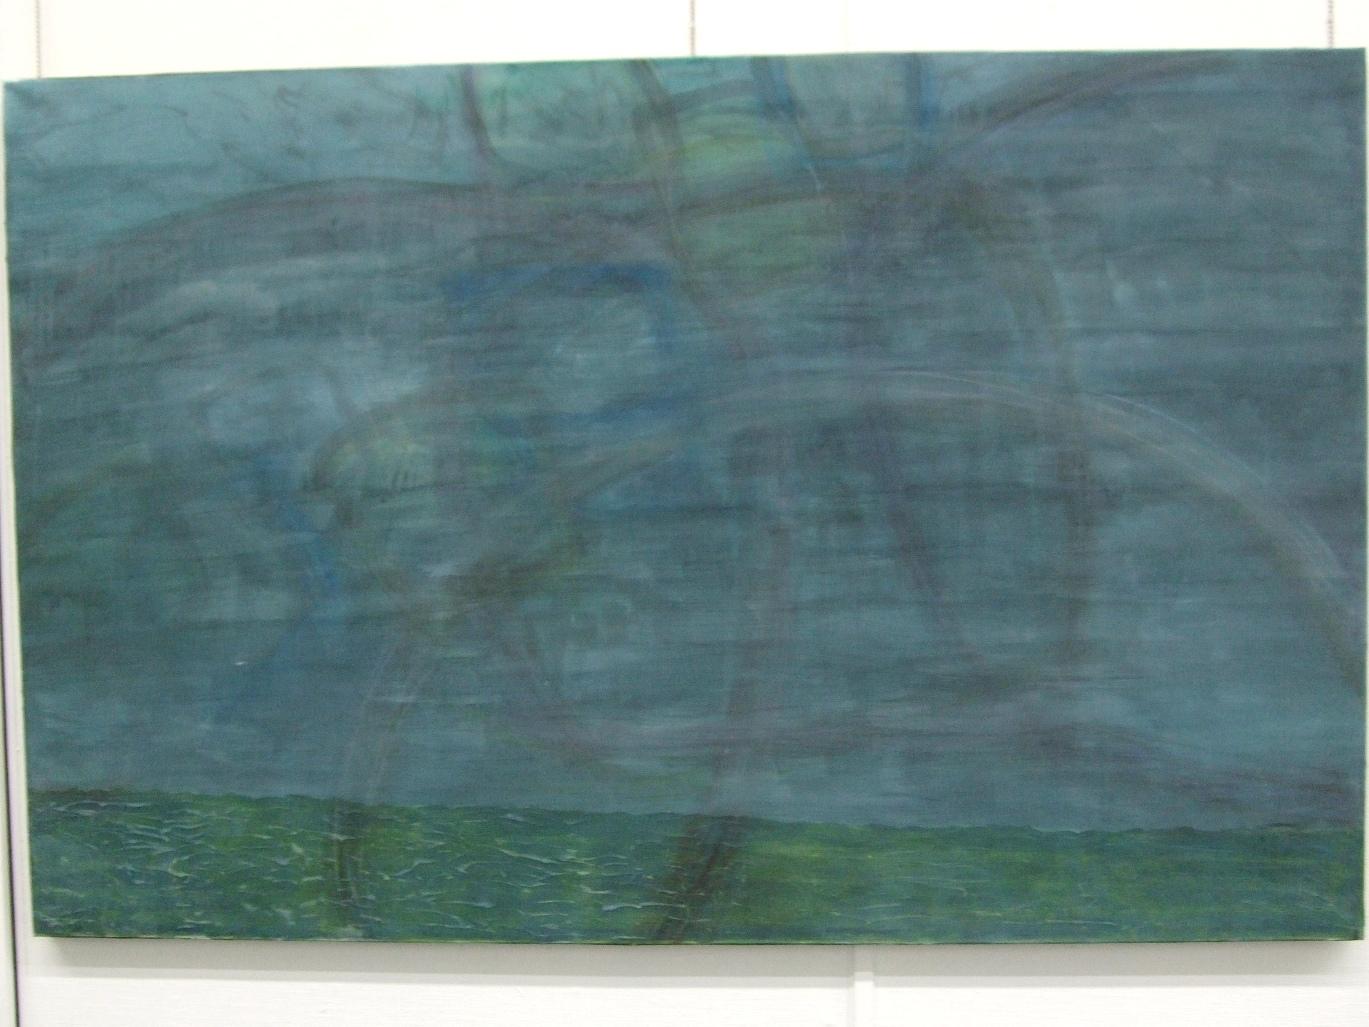 1276) ③市民ギャラリー 「'10 第37回 北海道抽象派作家協会展」 終了・4月13日(火)~4月18日(日)_f0126829_2133690.jpg